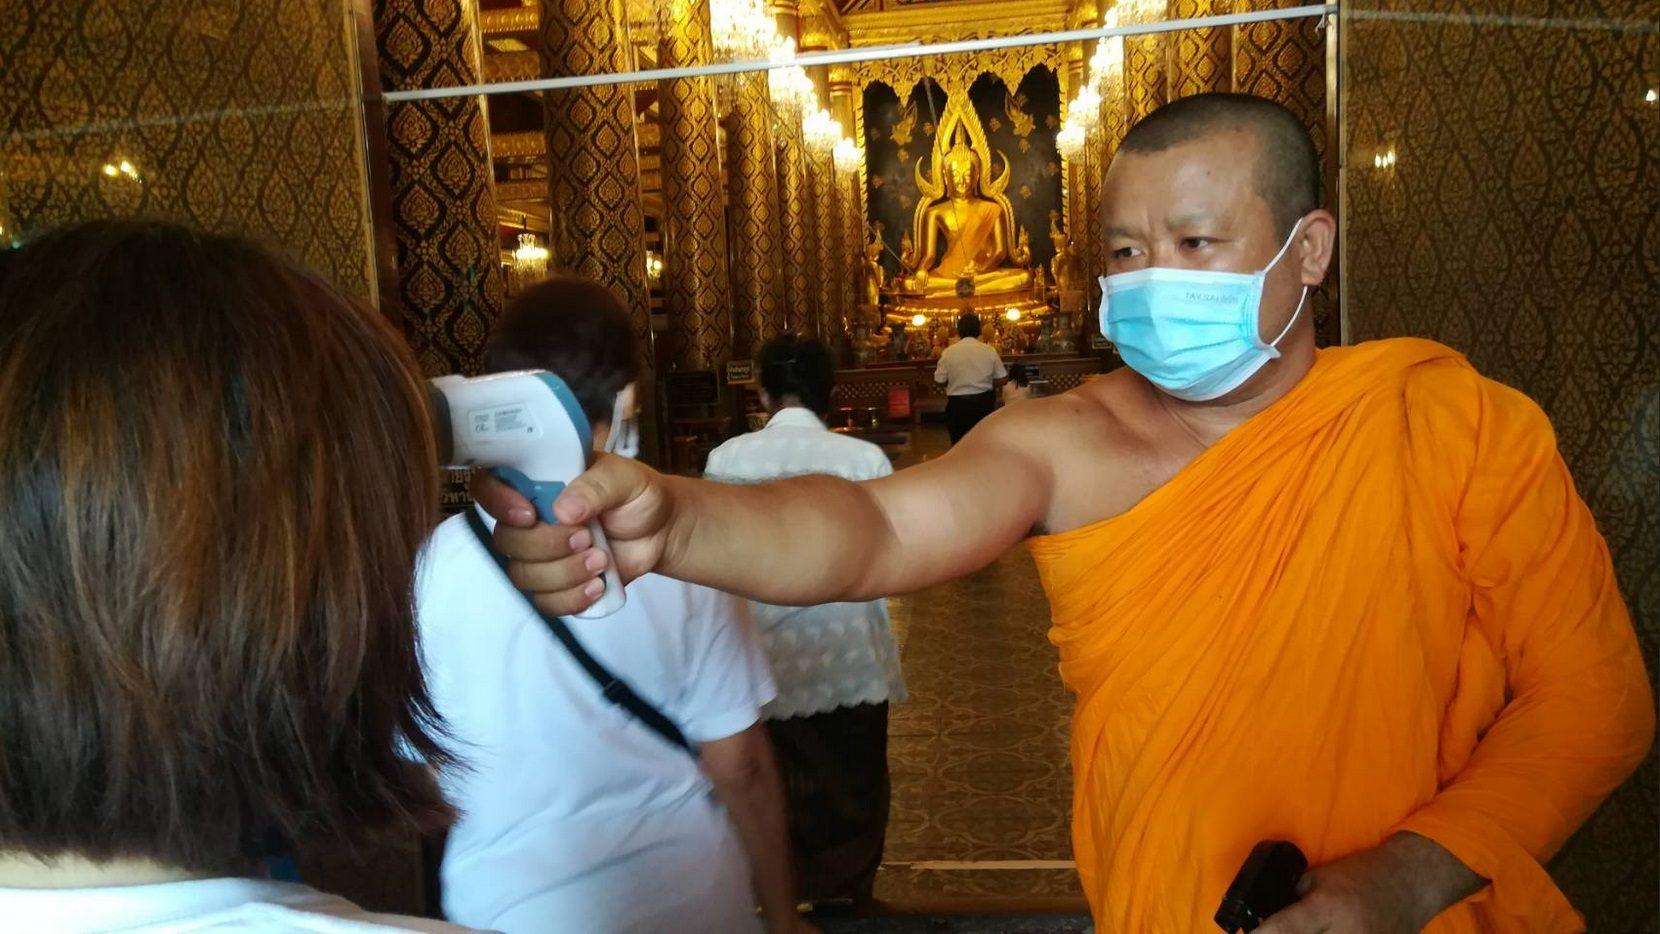 วัดใหญ่ตรวจเข้ม หลังเปิดวิหารให้เข้าสักการะพระพุทธชินราชได้เป็นวันแรก (ชมคลิป)